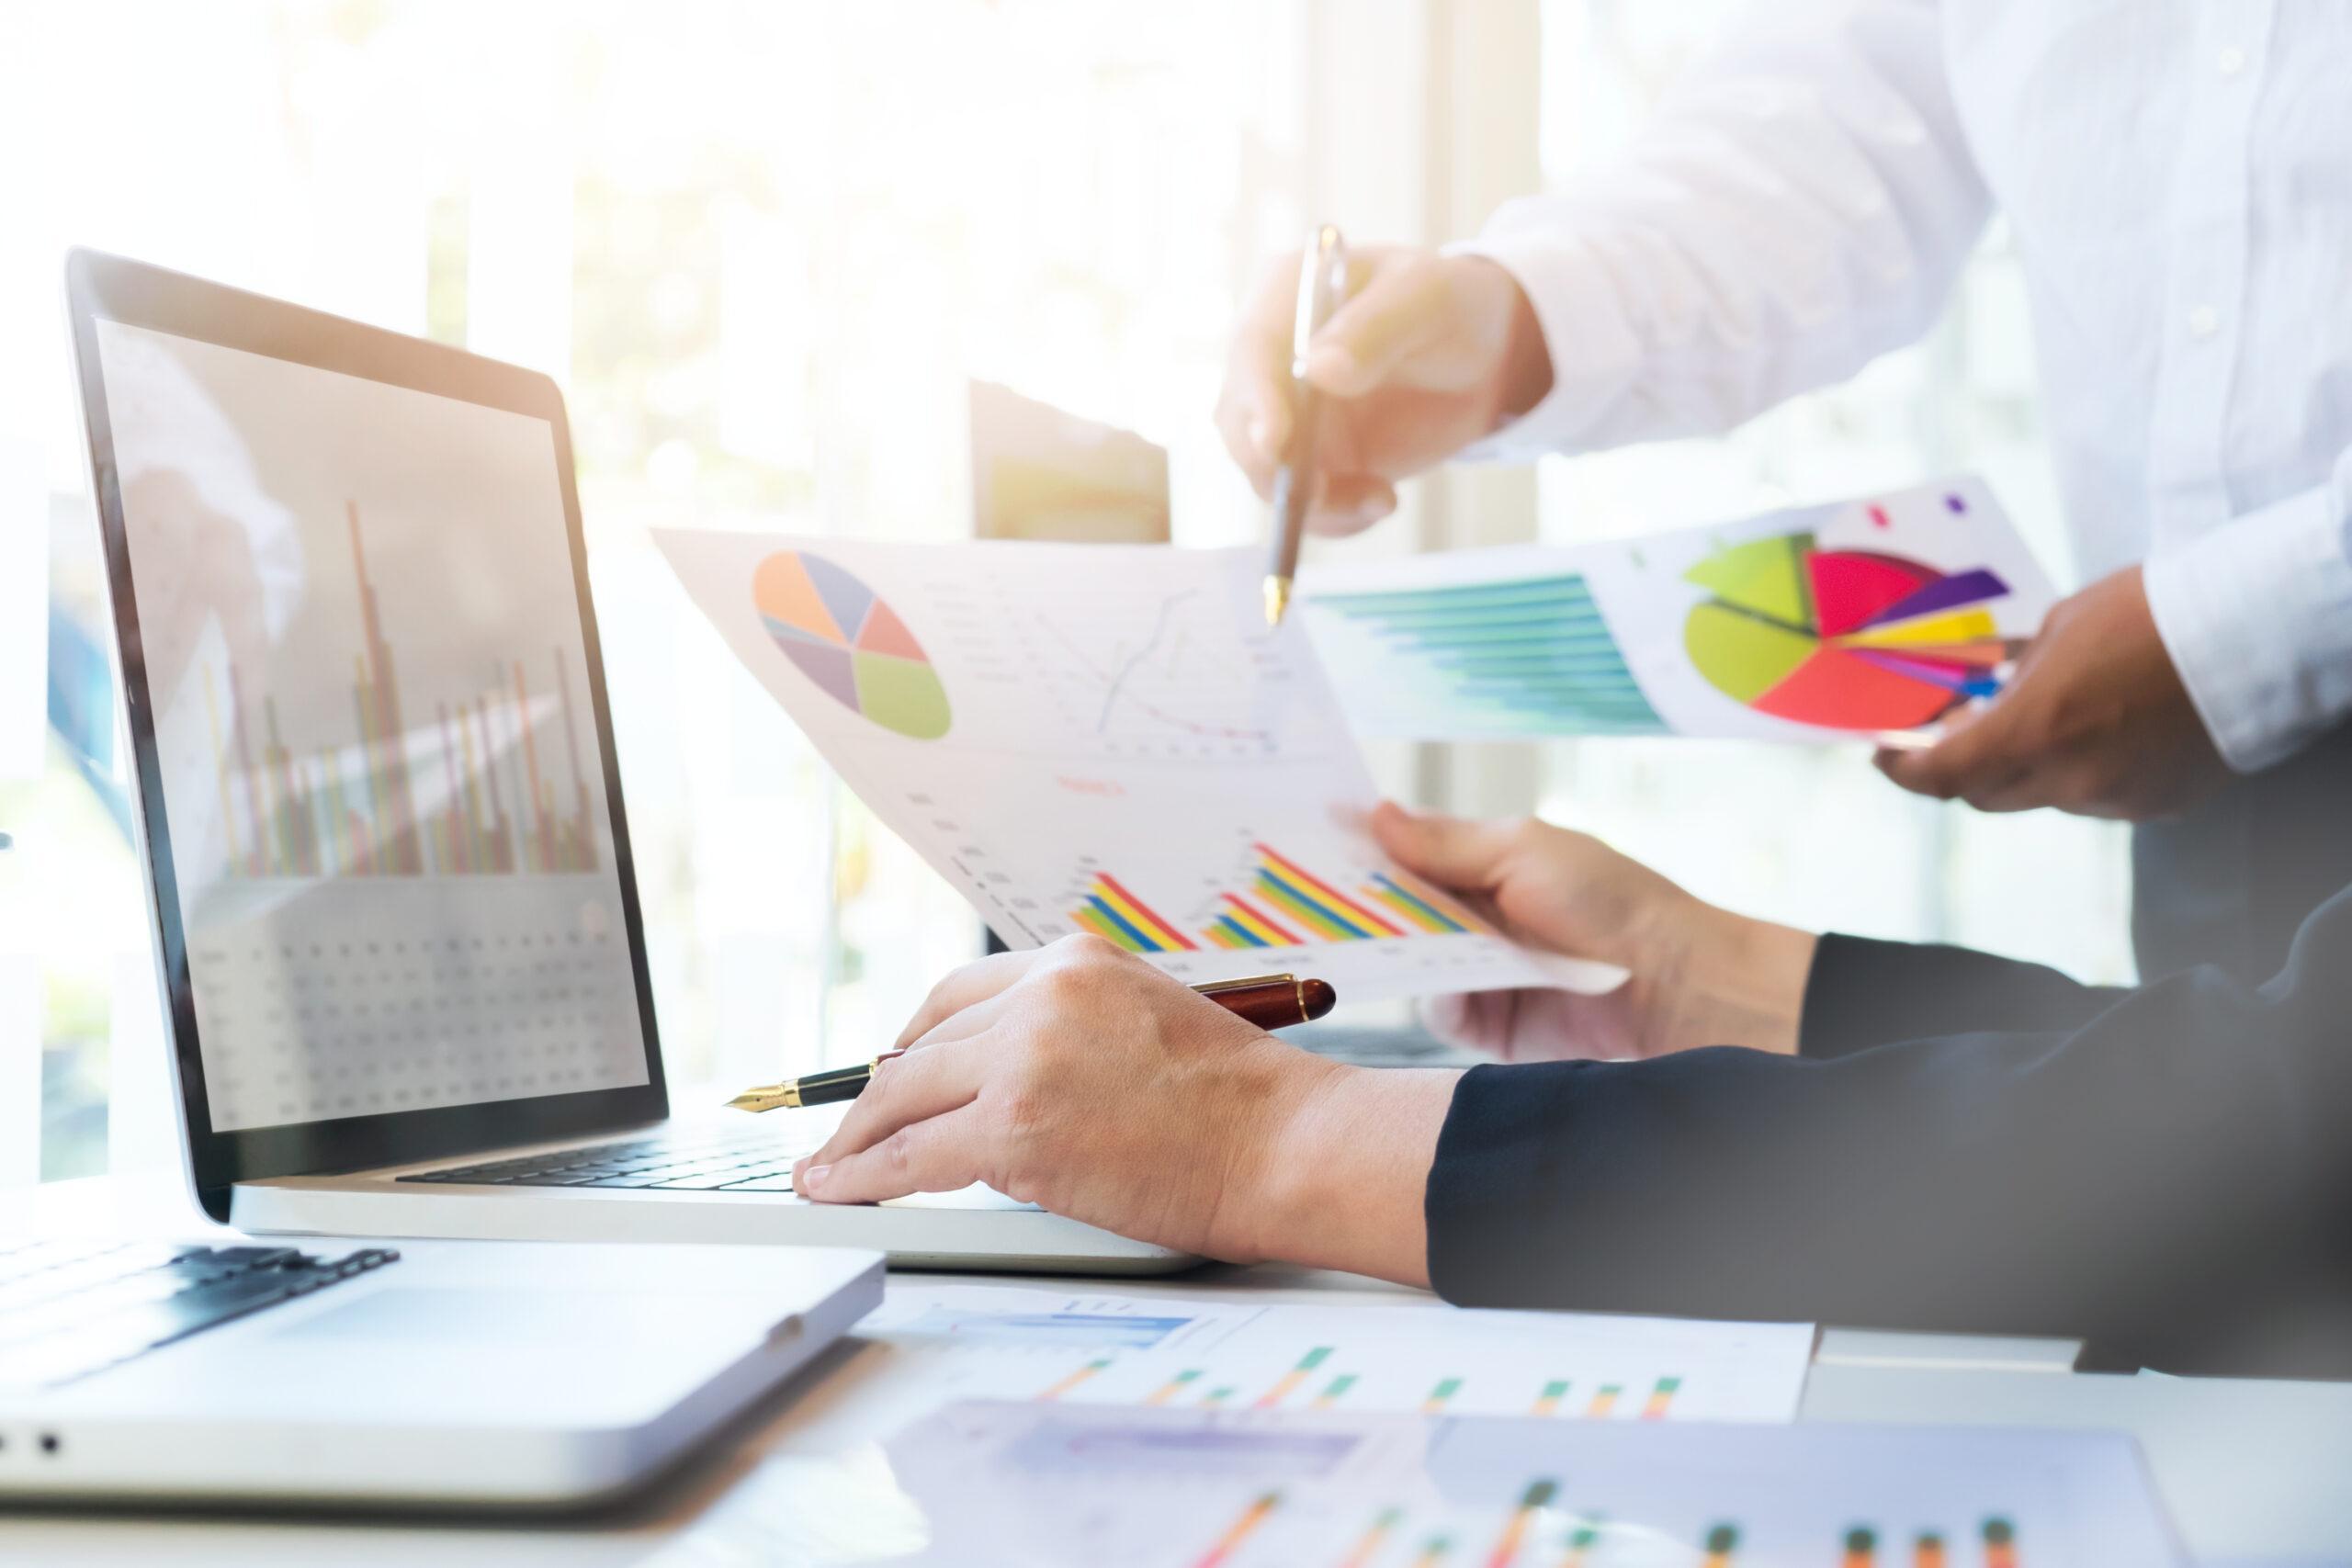 Agência de marketing digital externa x investir em uma equipe interna